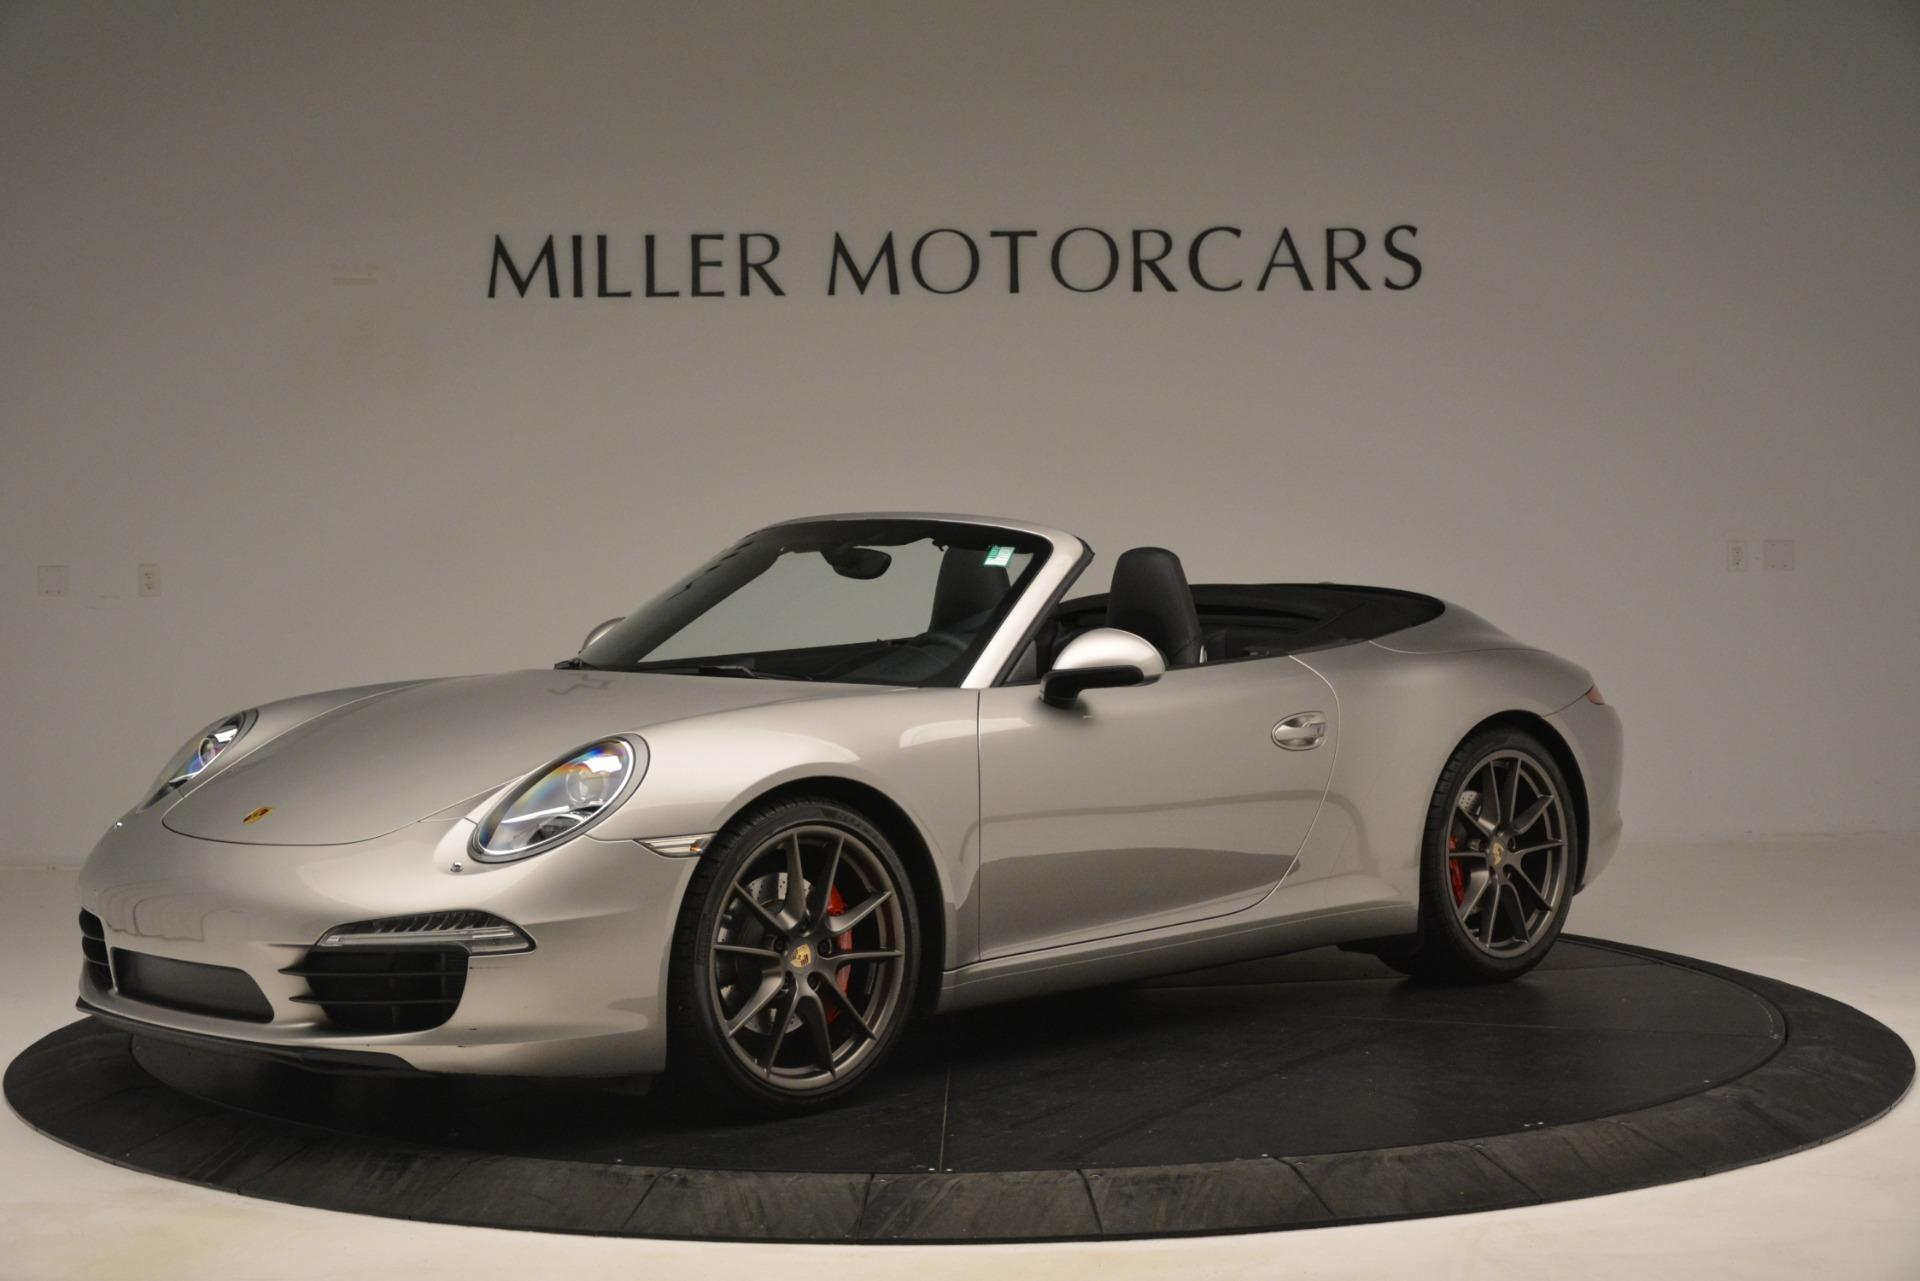 Used 2013 Porsche 911 Carrera S For Sale In Greenwich, CT 3107_p2